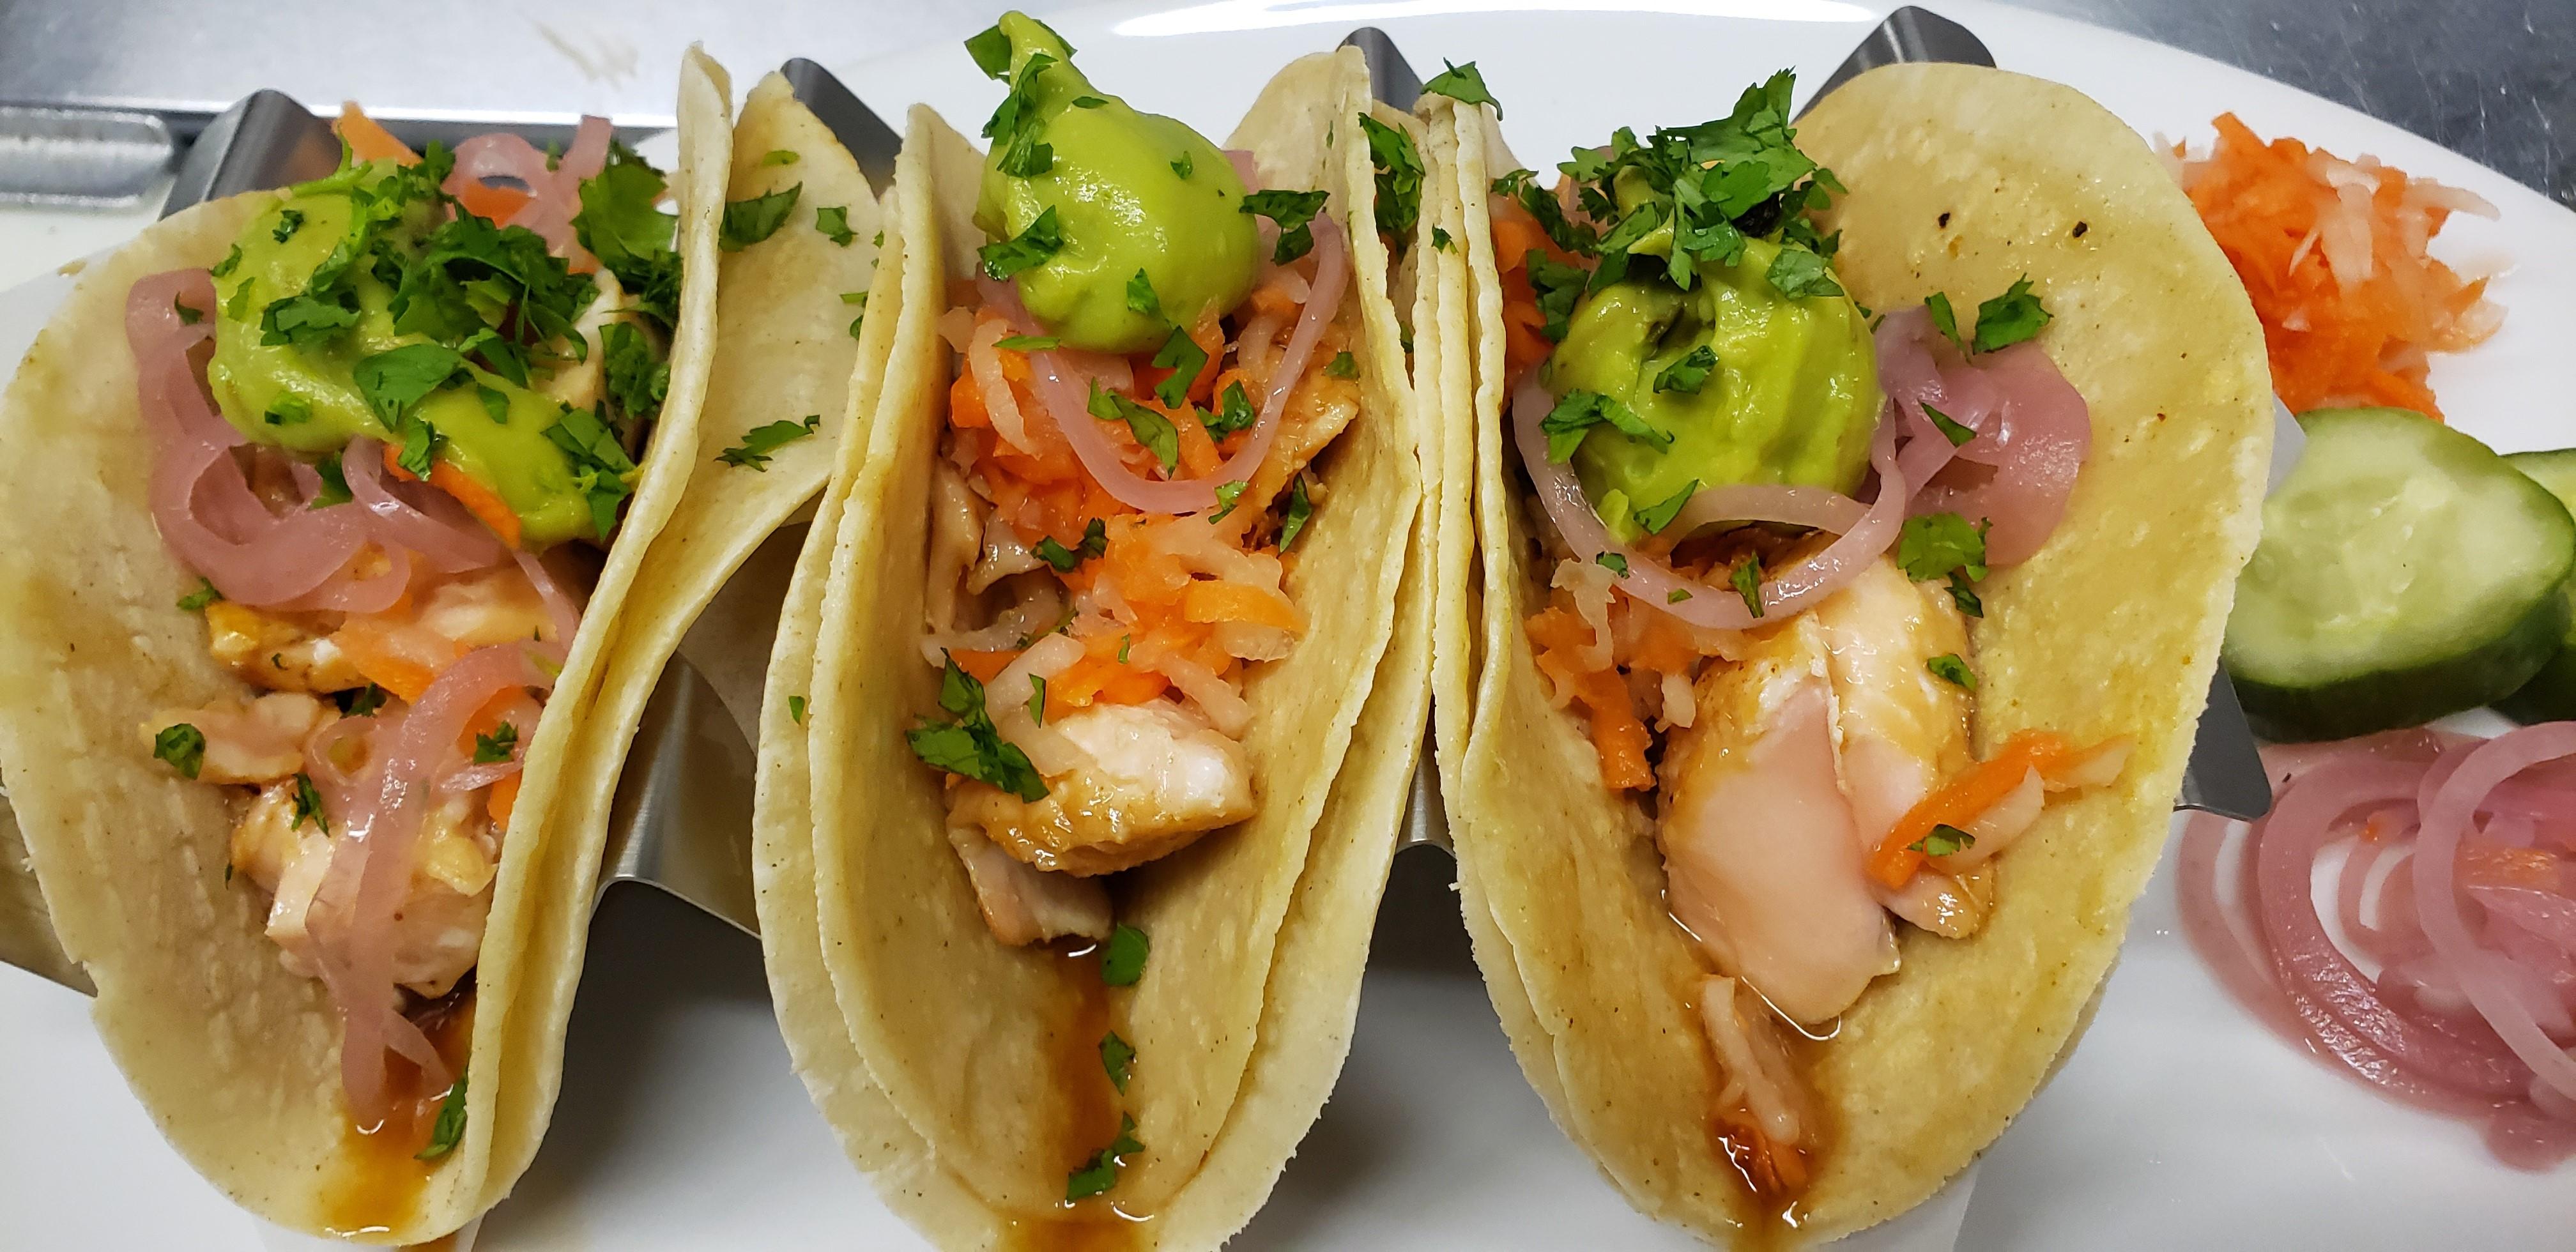 Eatery, Roast Salmon Tacos